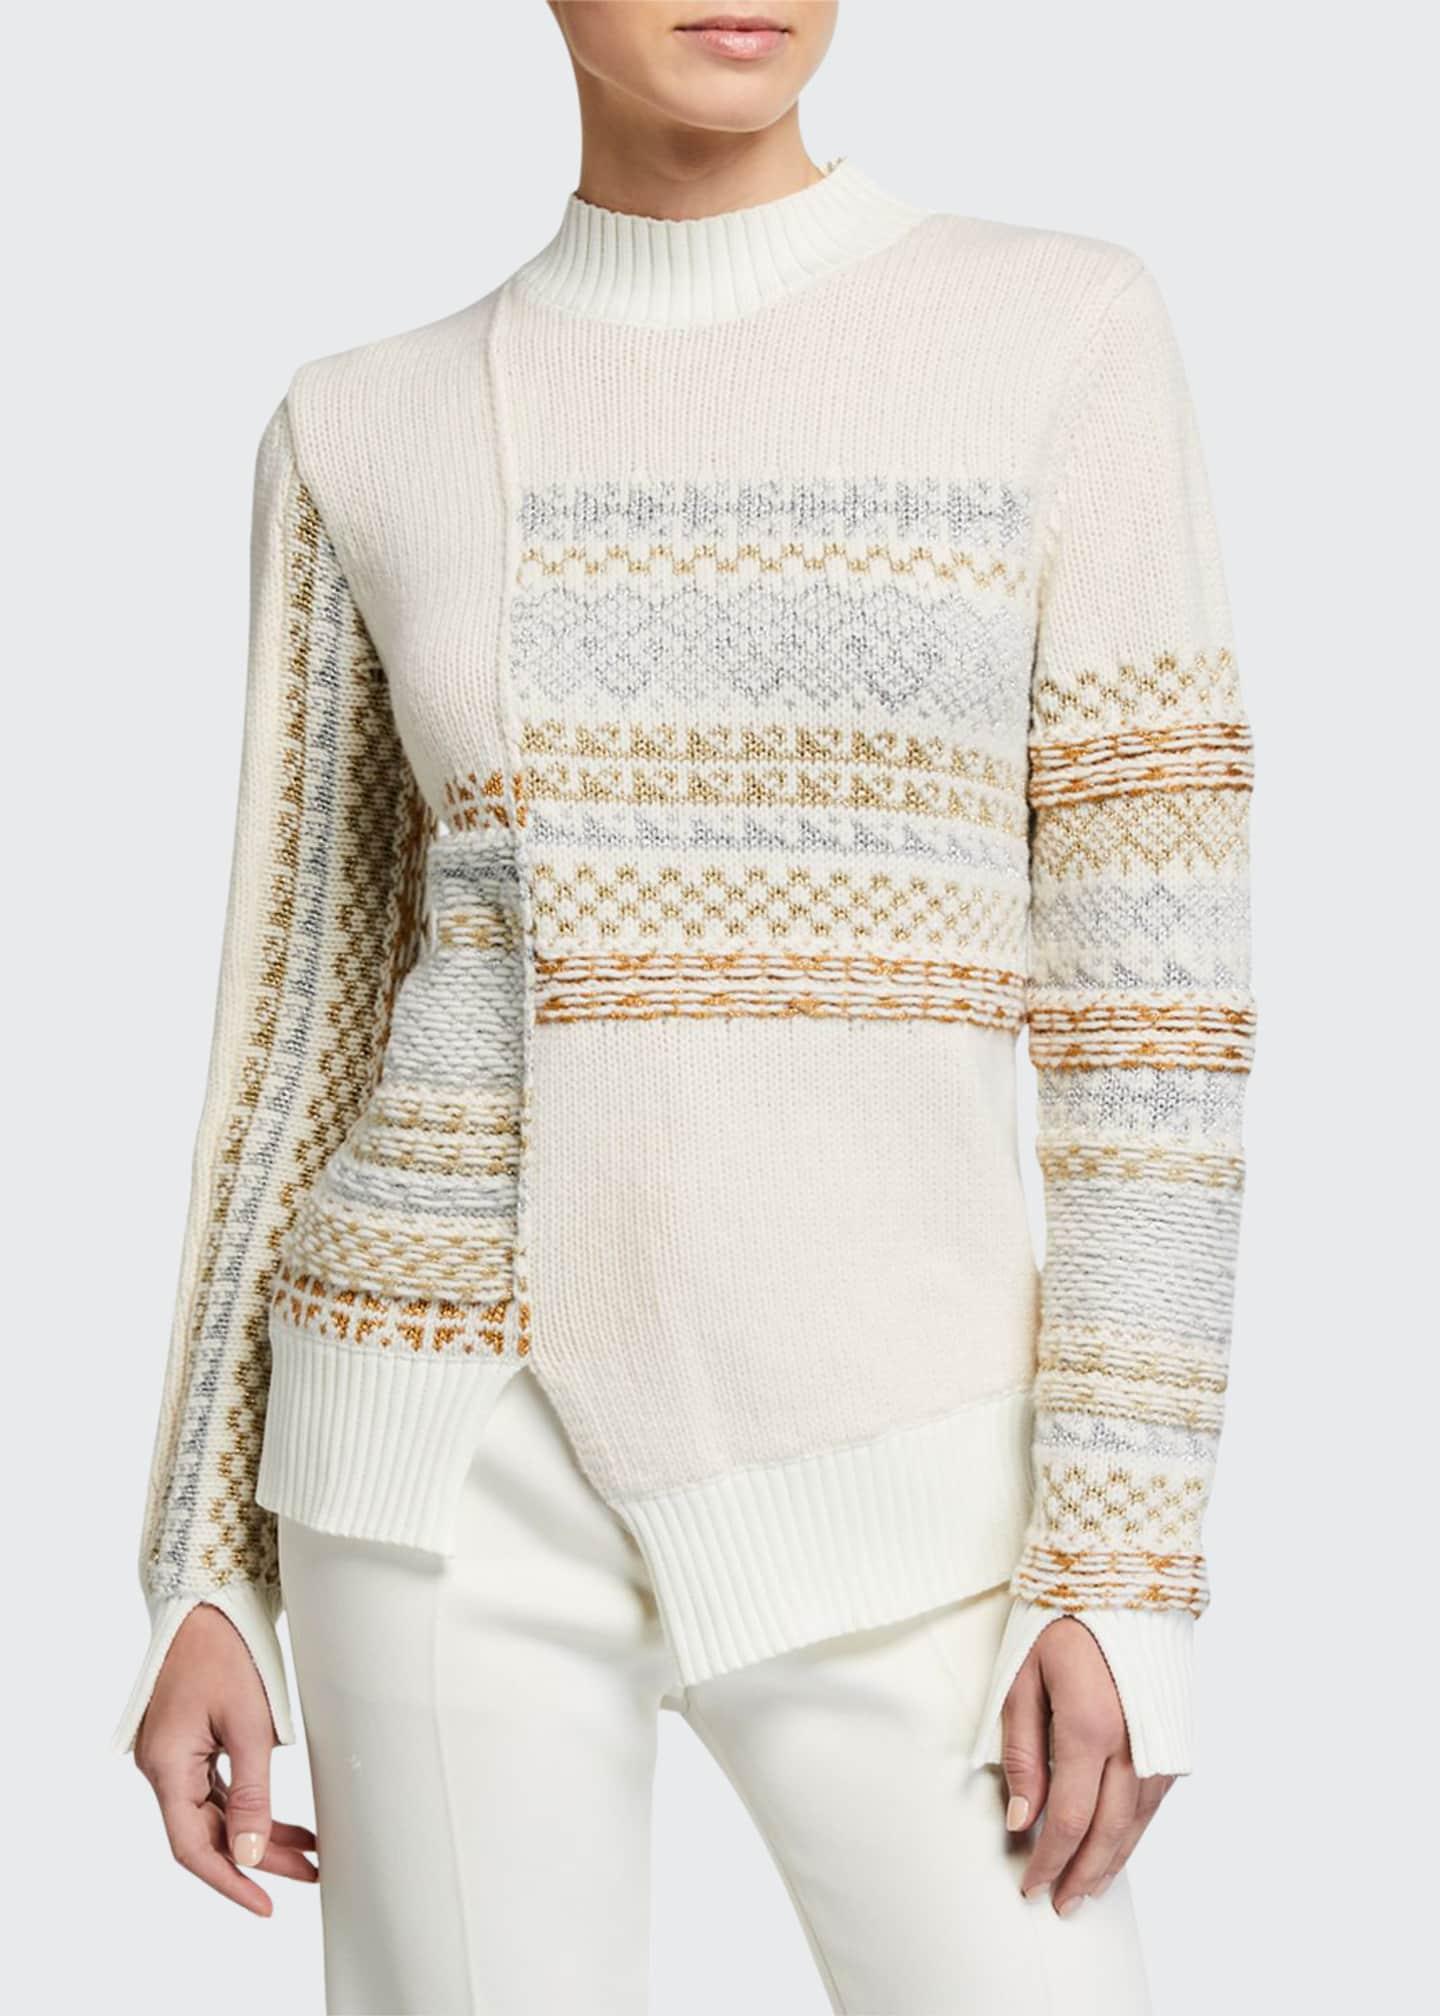 3.1 Phillip Lim Fair Isle Patchwork Pullover Sweater